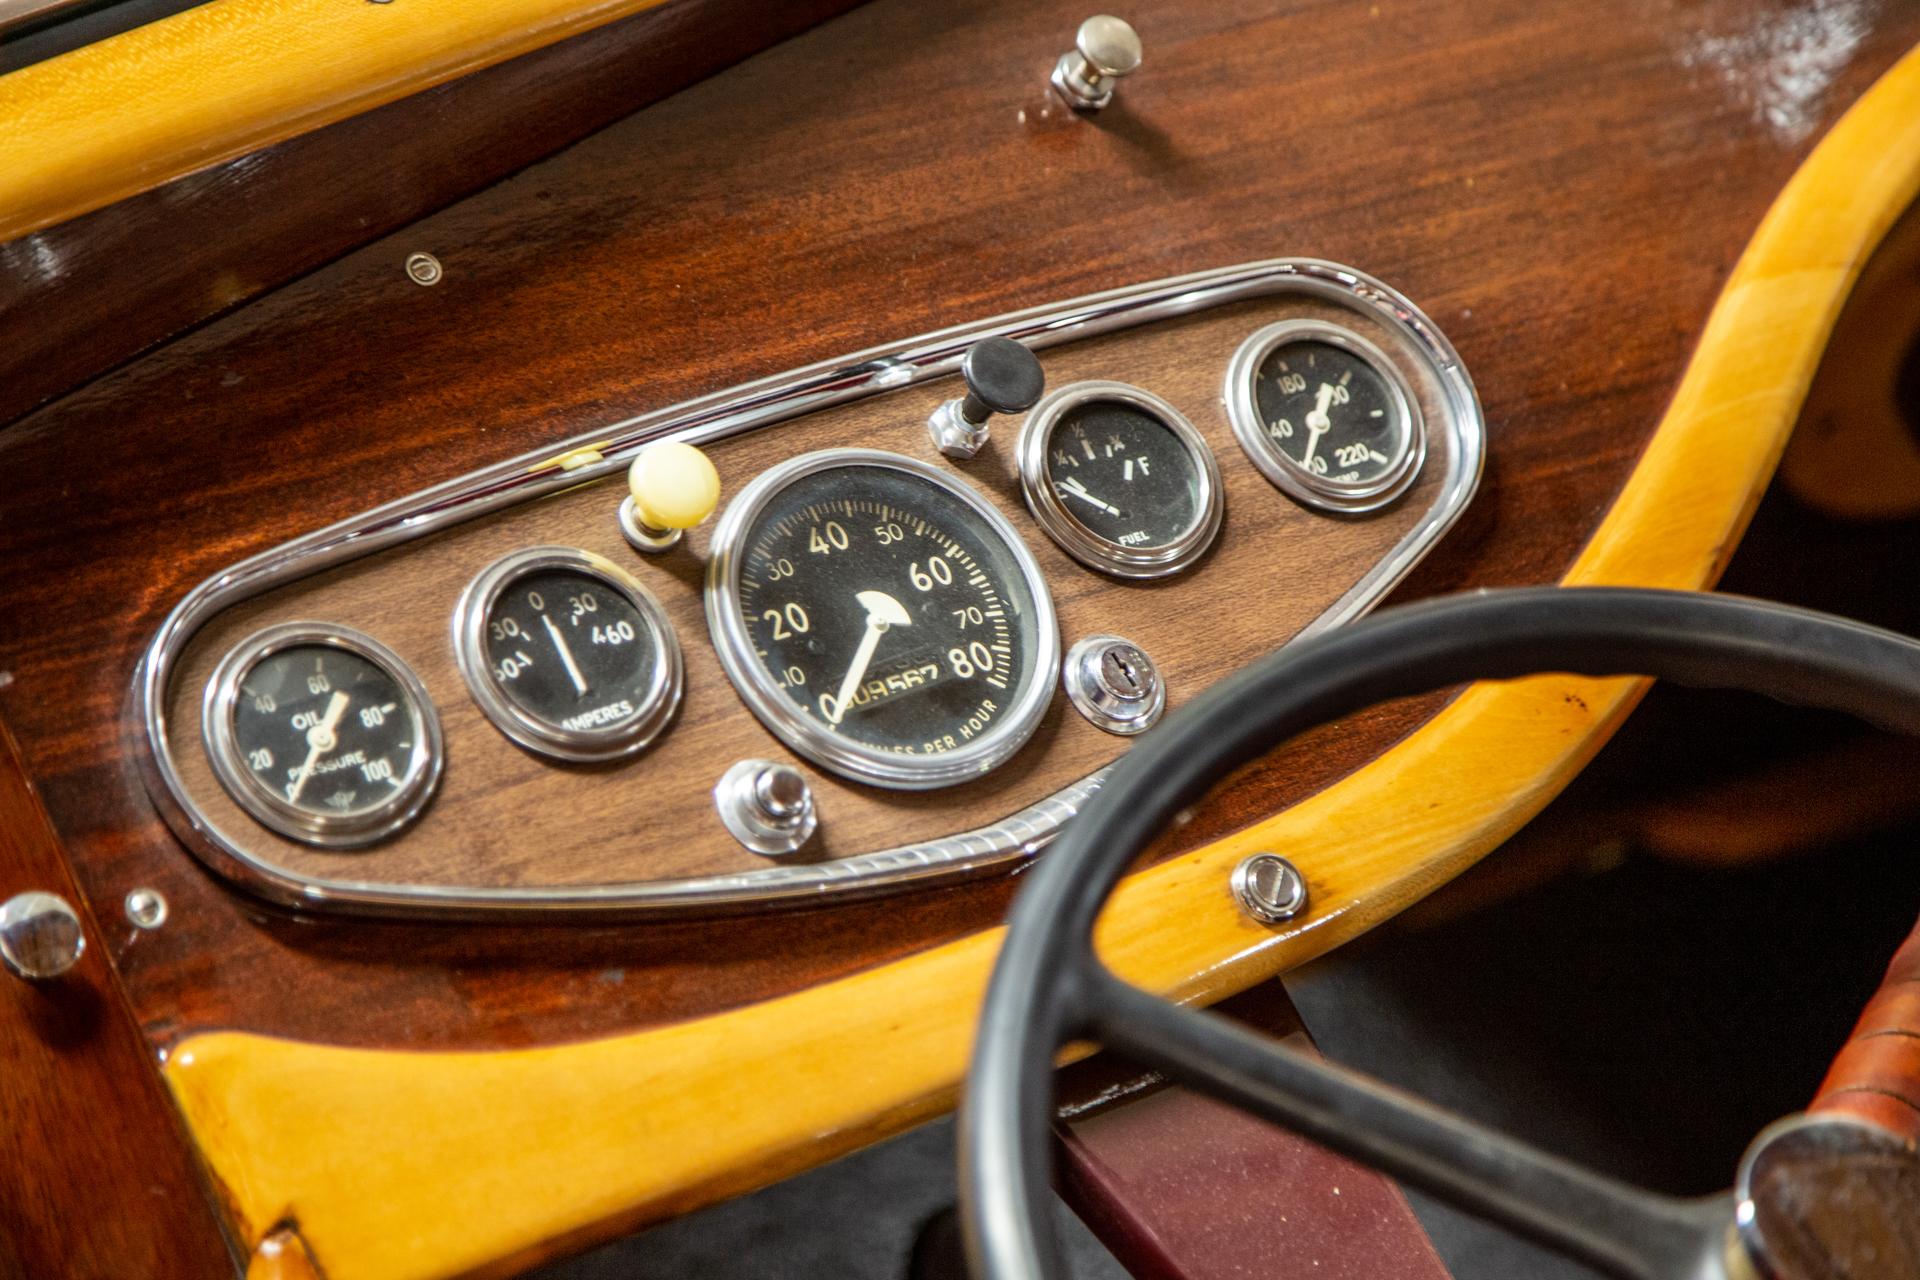 Martin Stationette Interior Dash Gauges